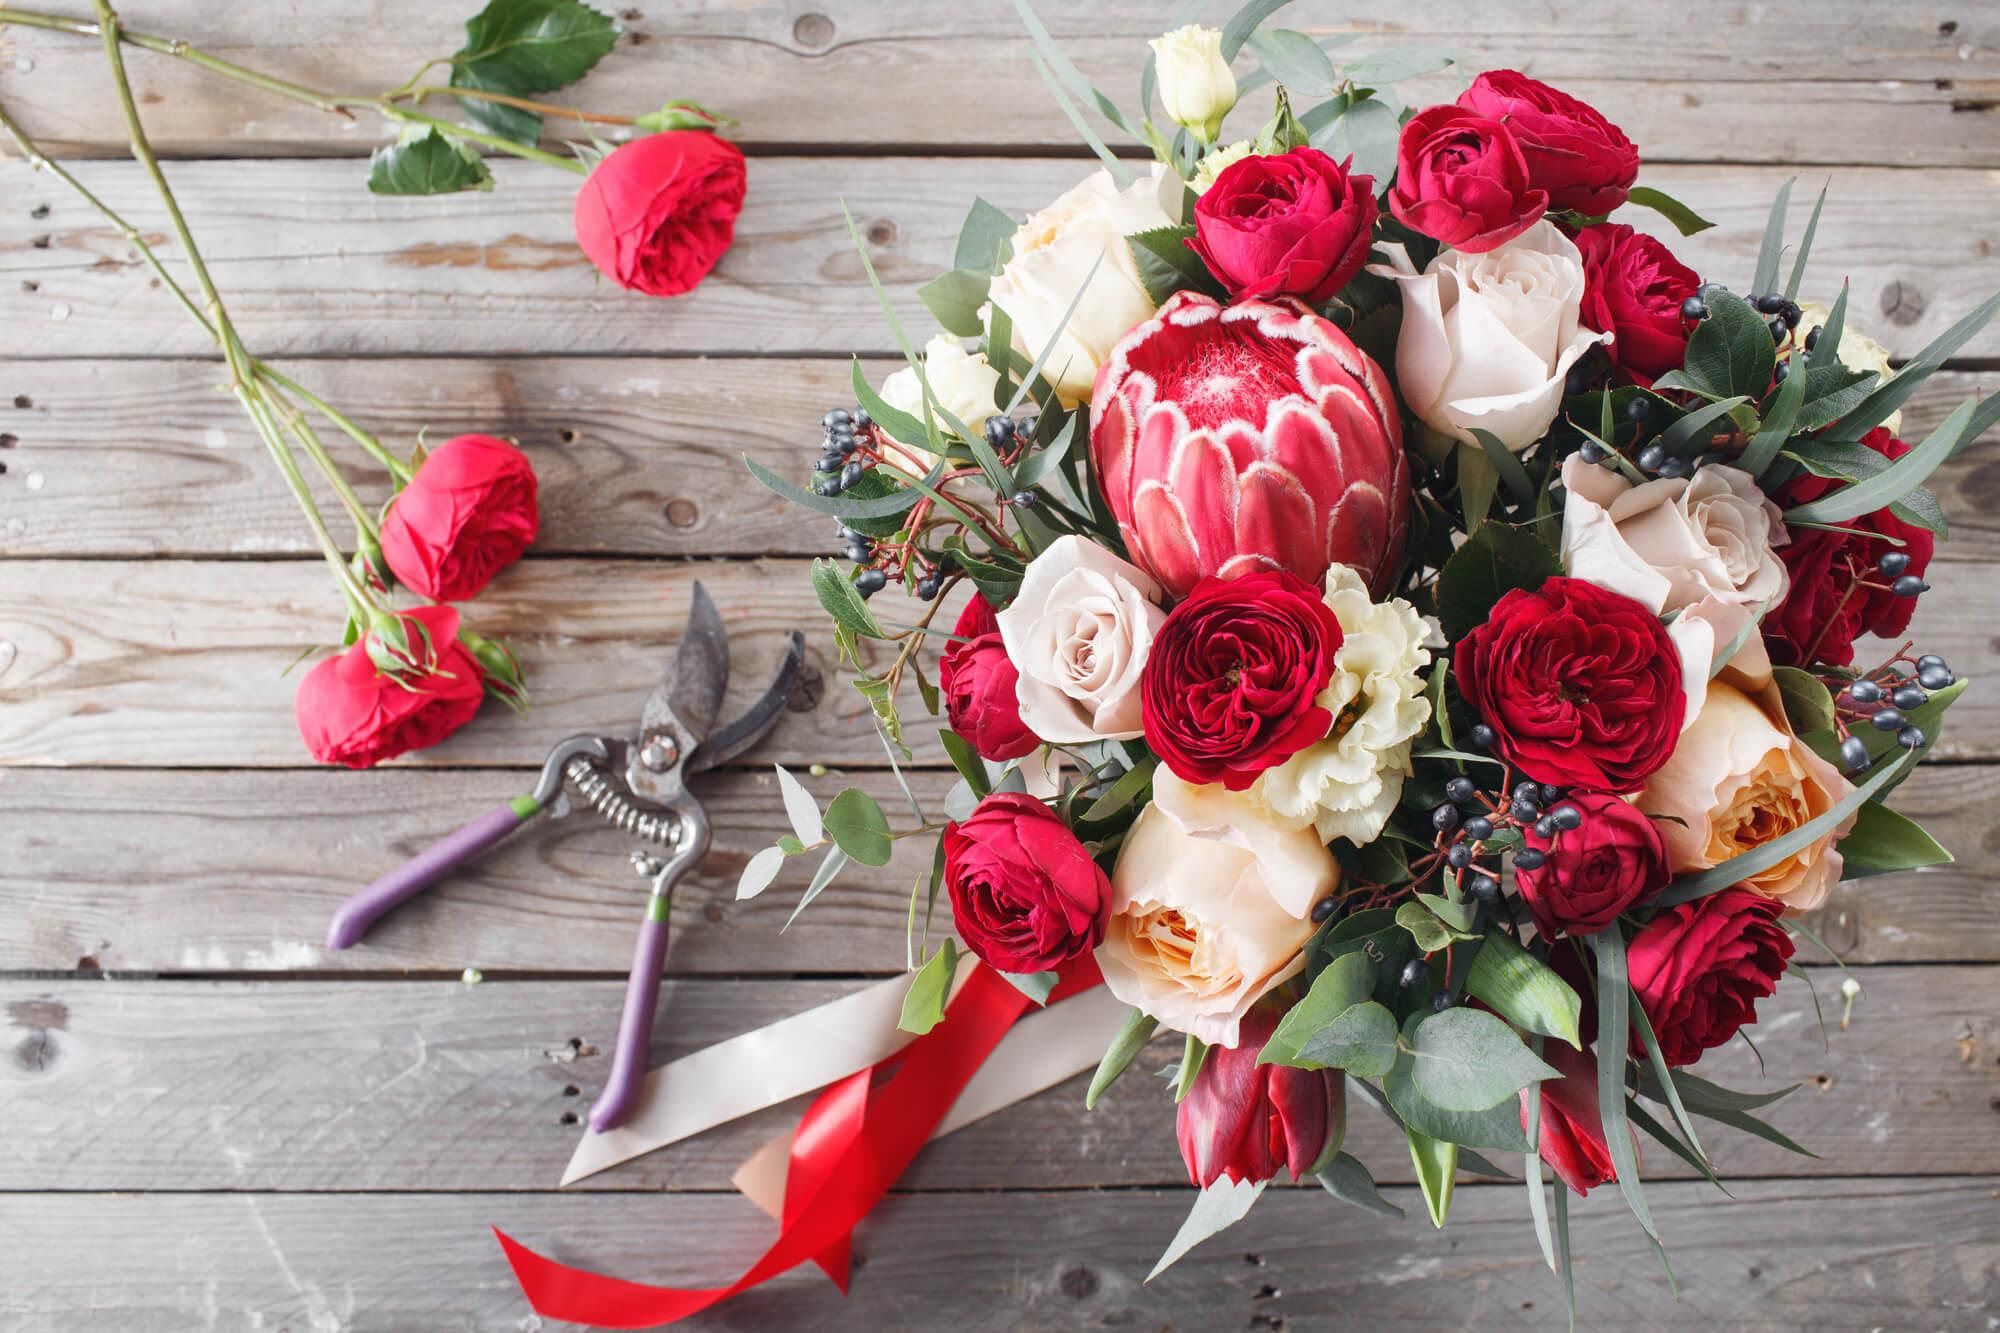 それぞれの誕生花と相性のよい花は?